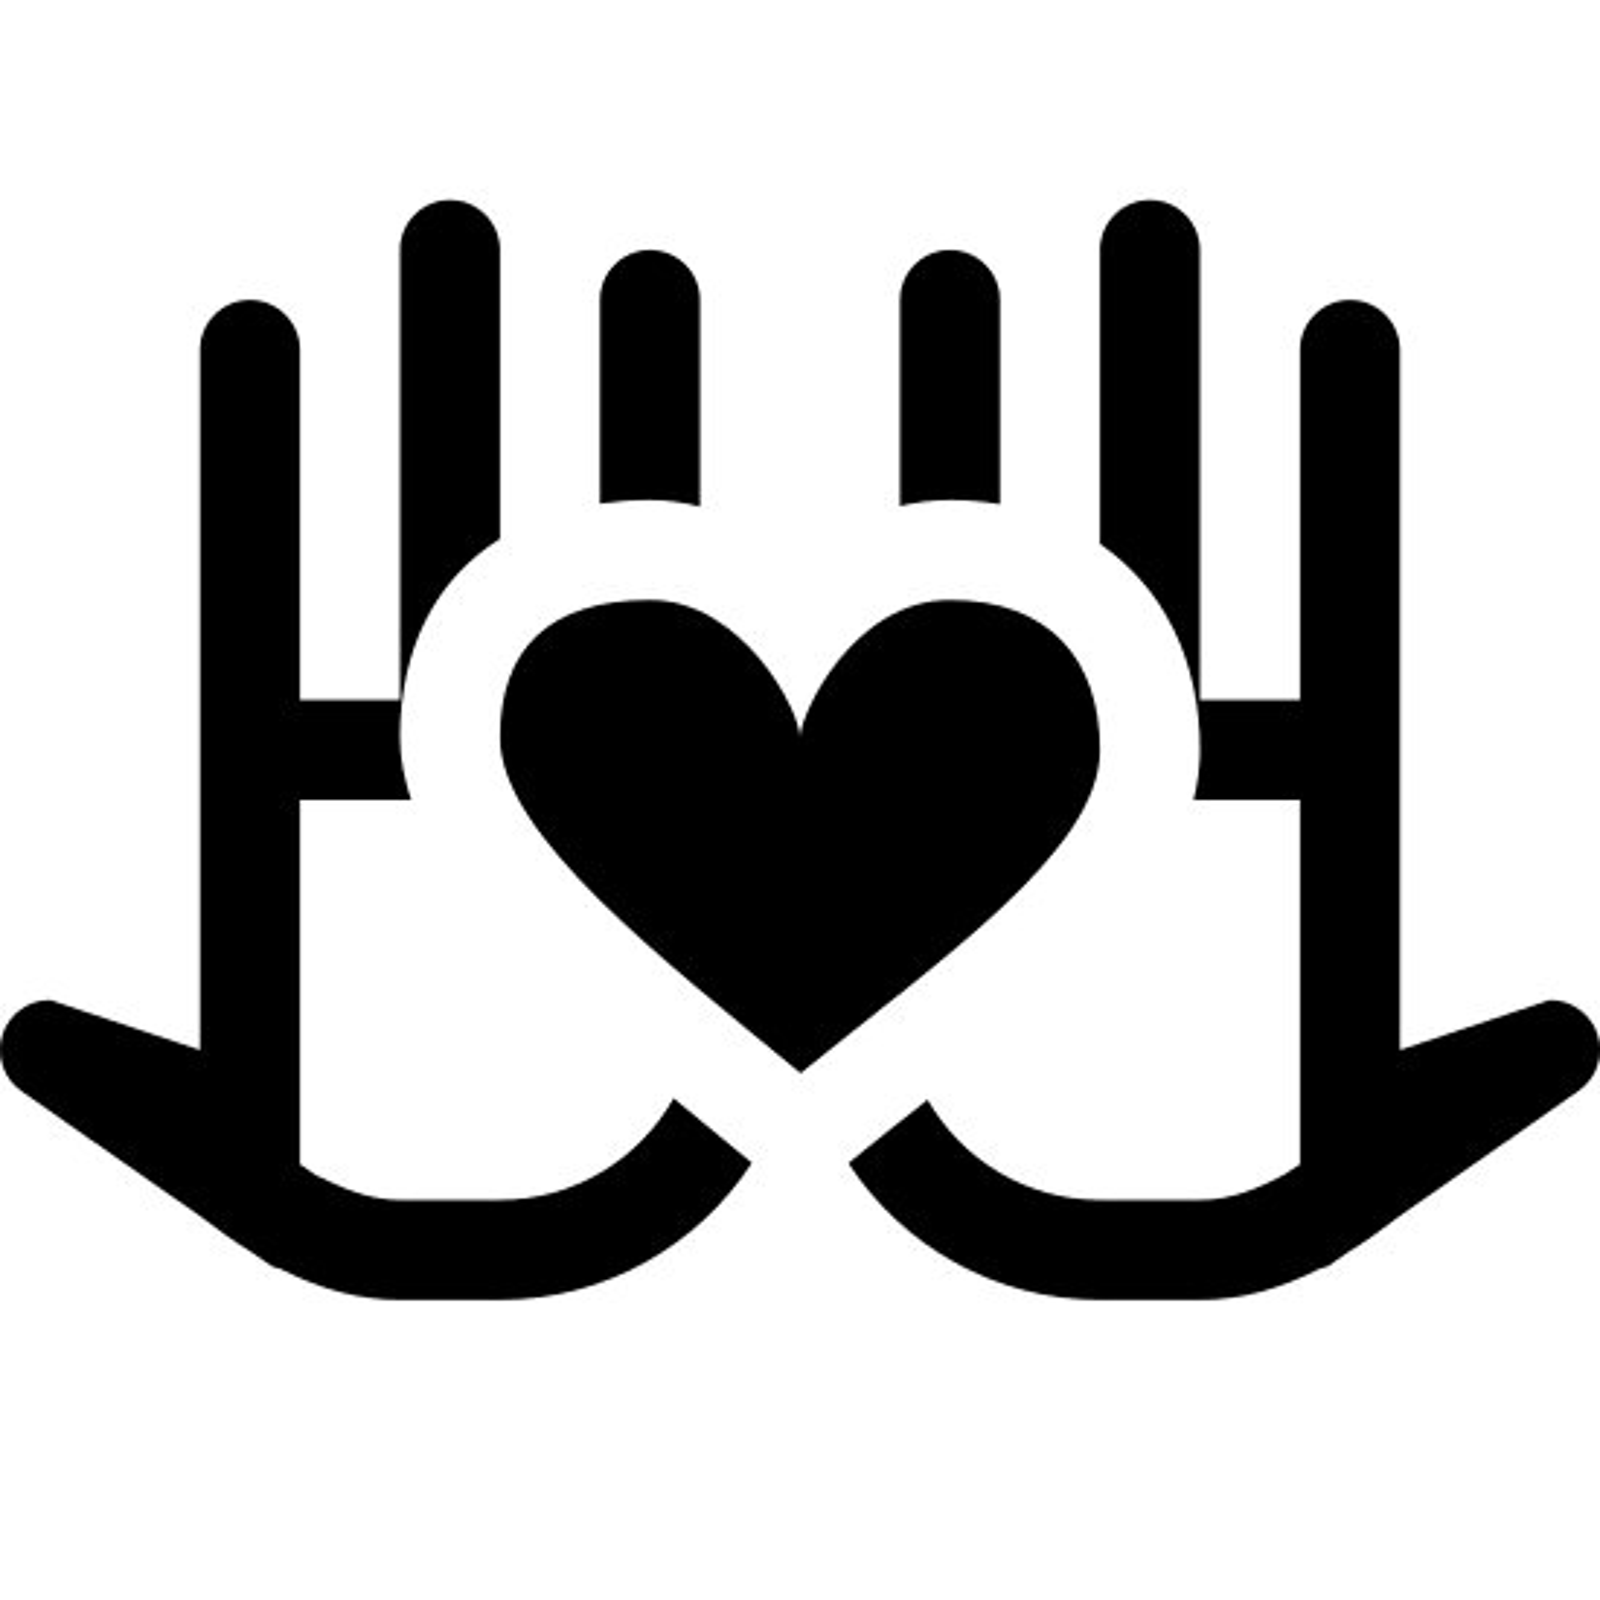 Dobrobyt icon